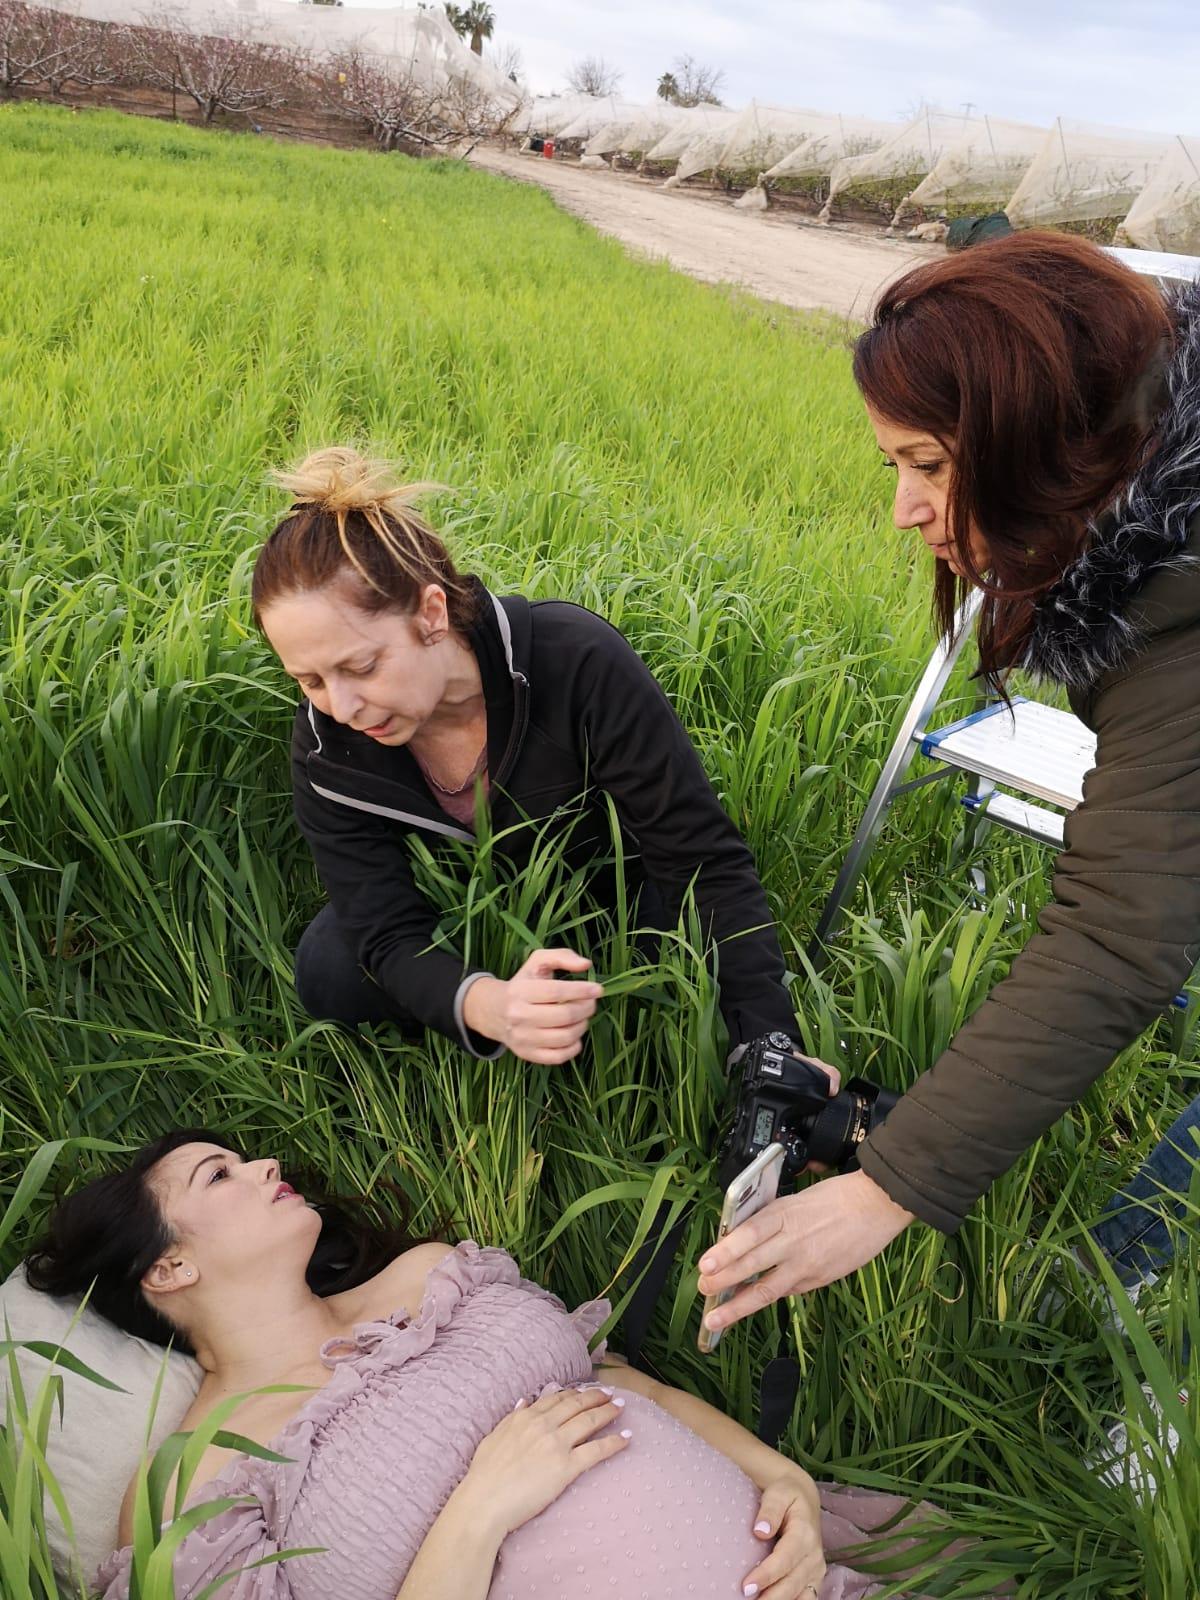 צילומי הריון בטבע רלי ואלדד לוי זעירא- אנדה יואל